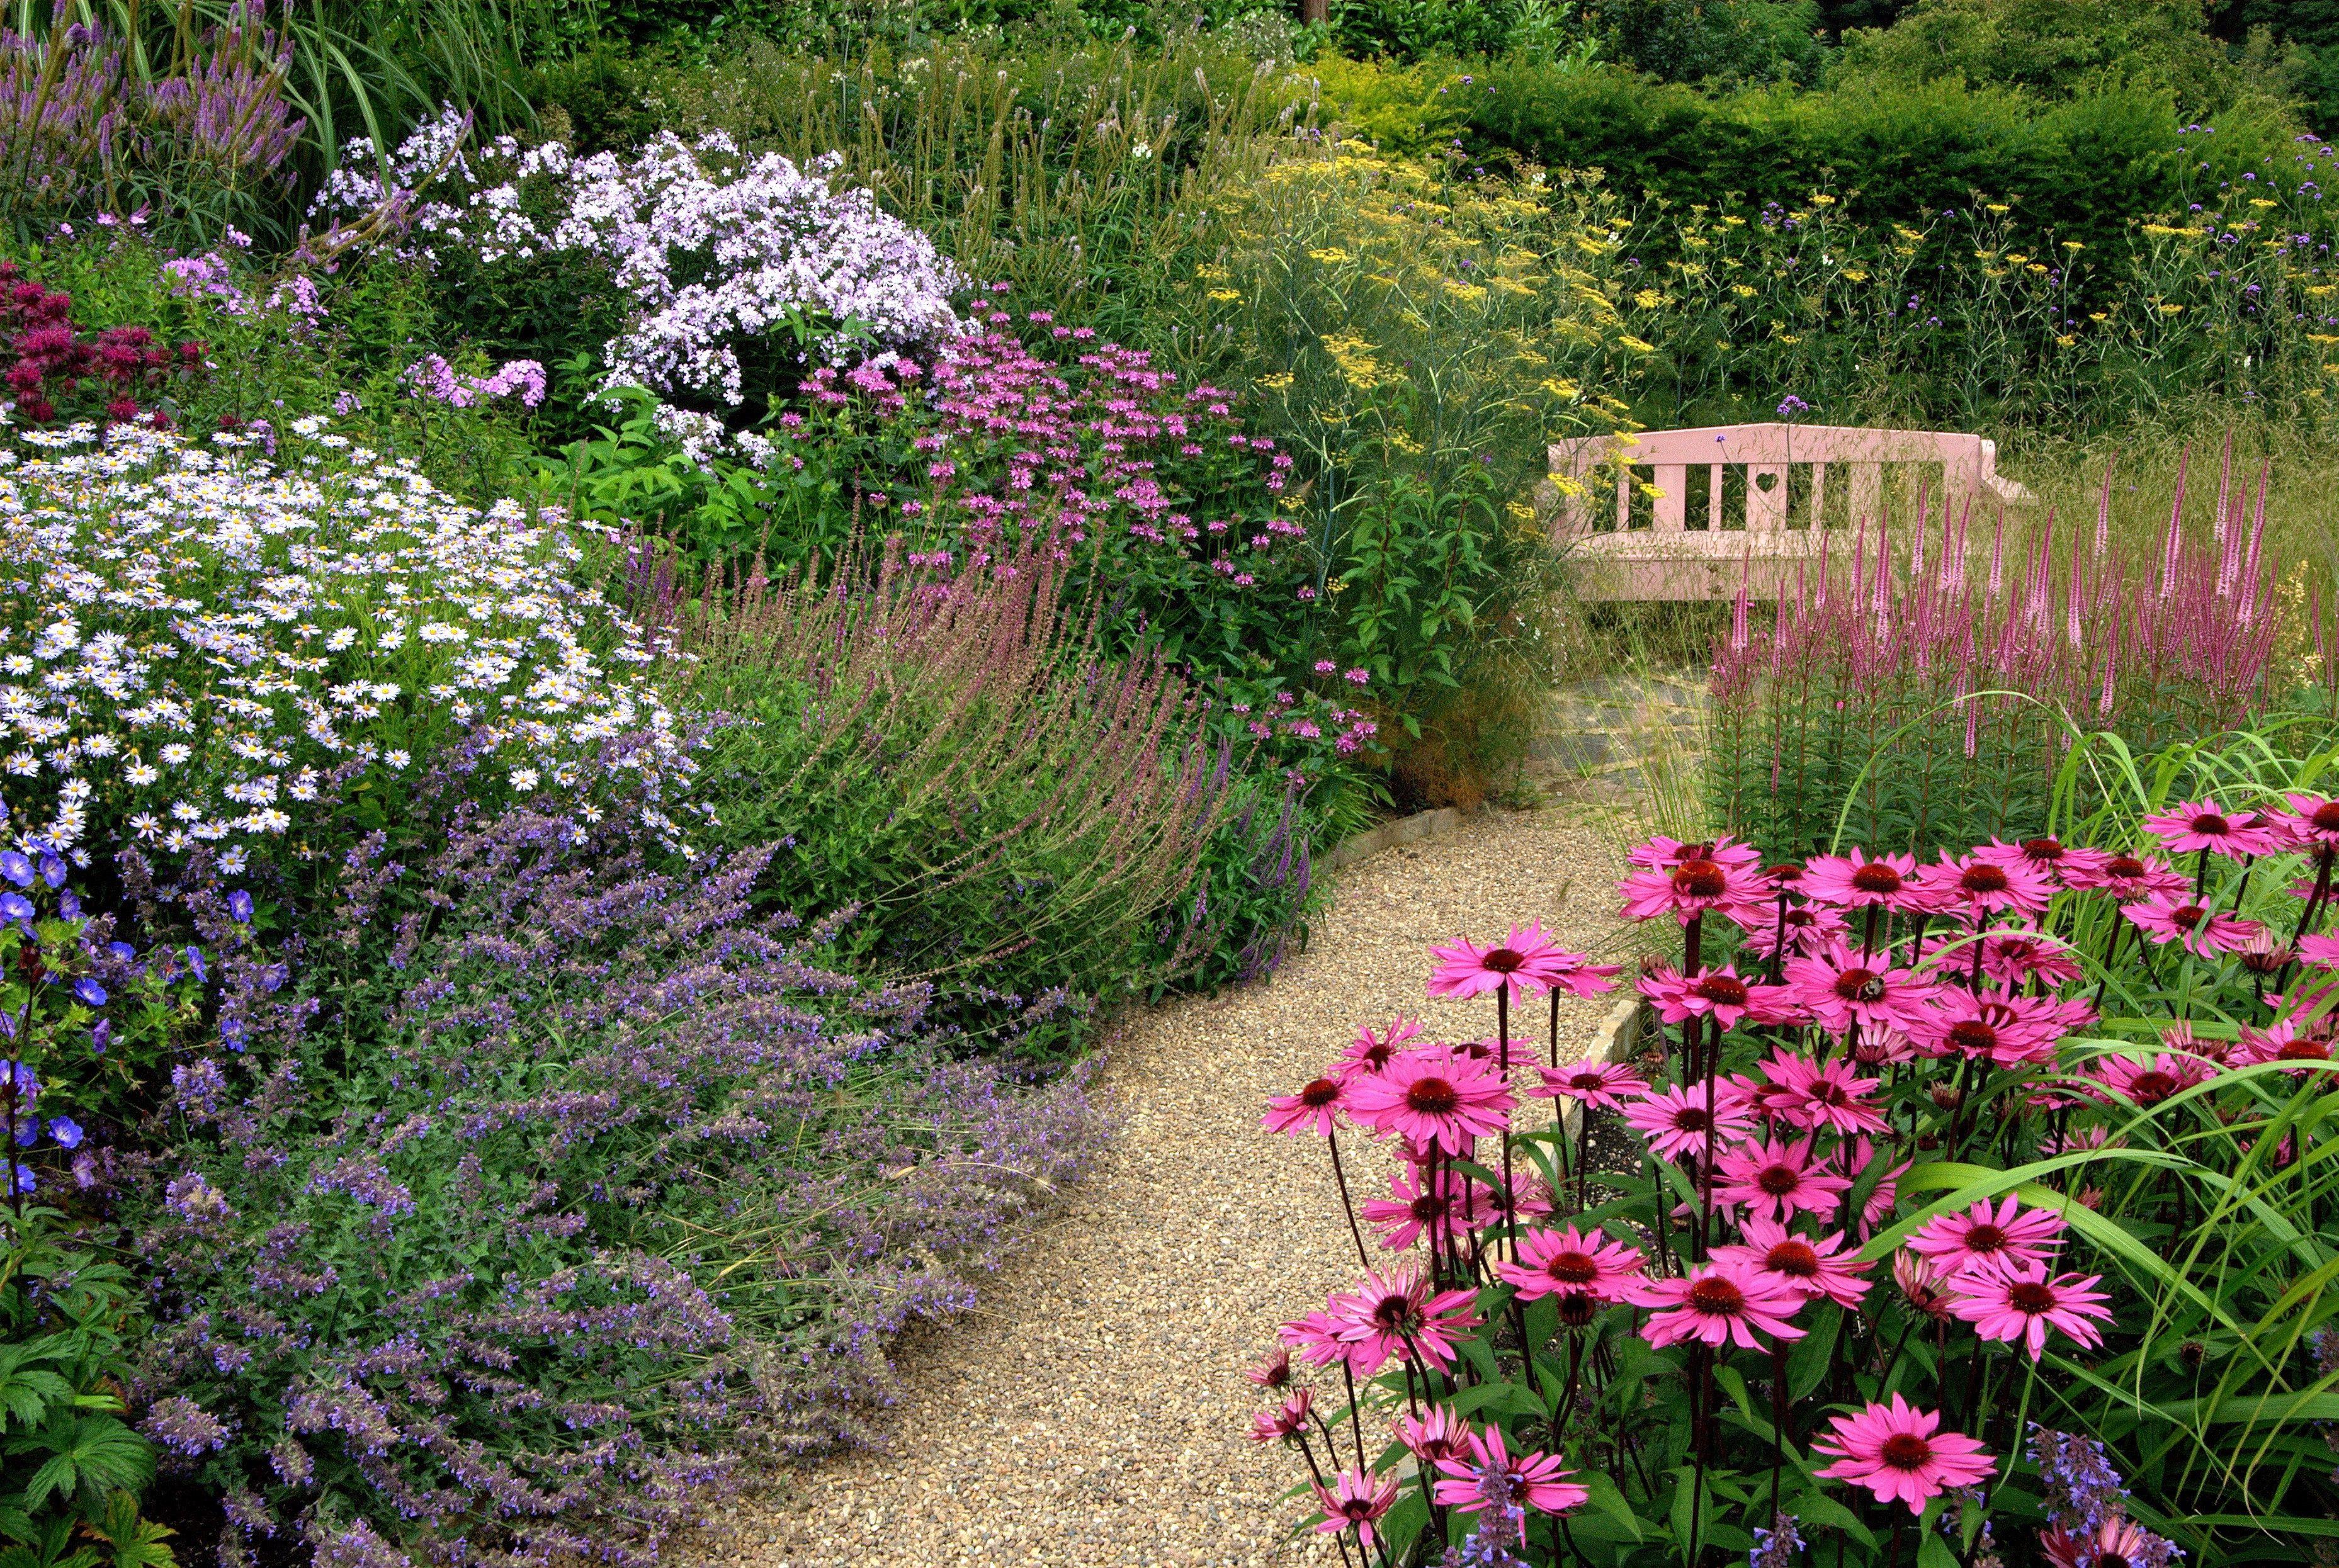 Ideeen Kleine Tuin : Tips voor een kleine tuin in tuin aanleggen ideeen huis decor